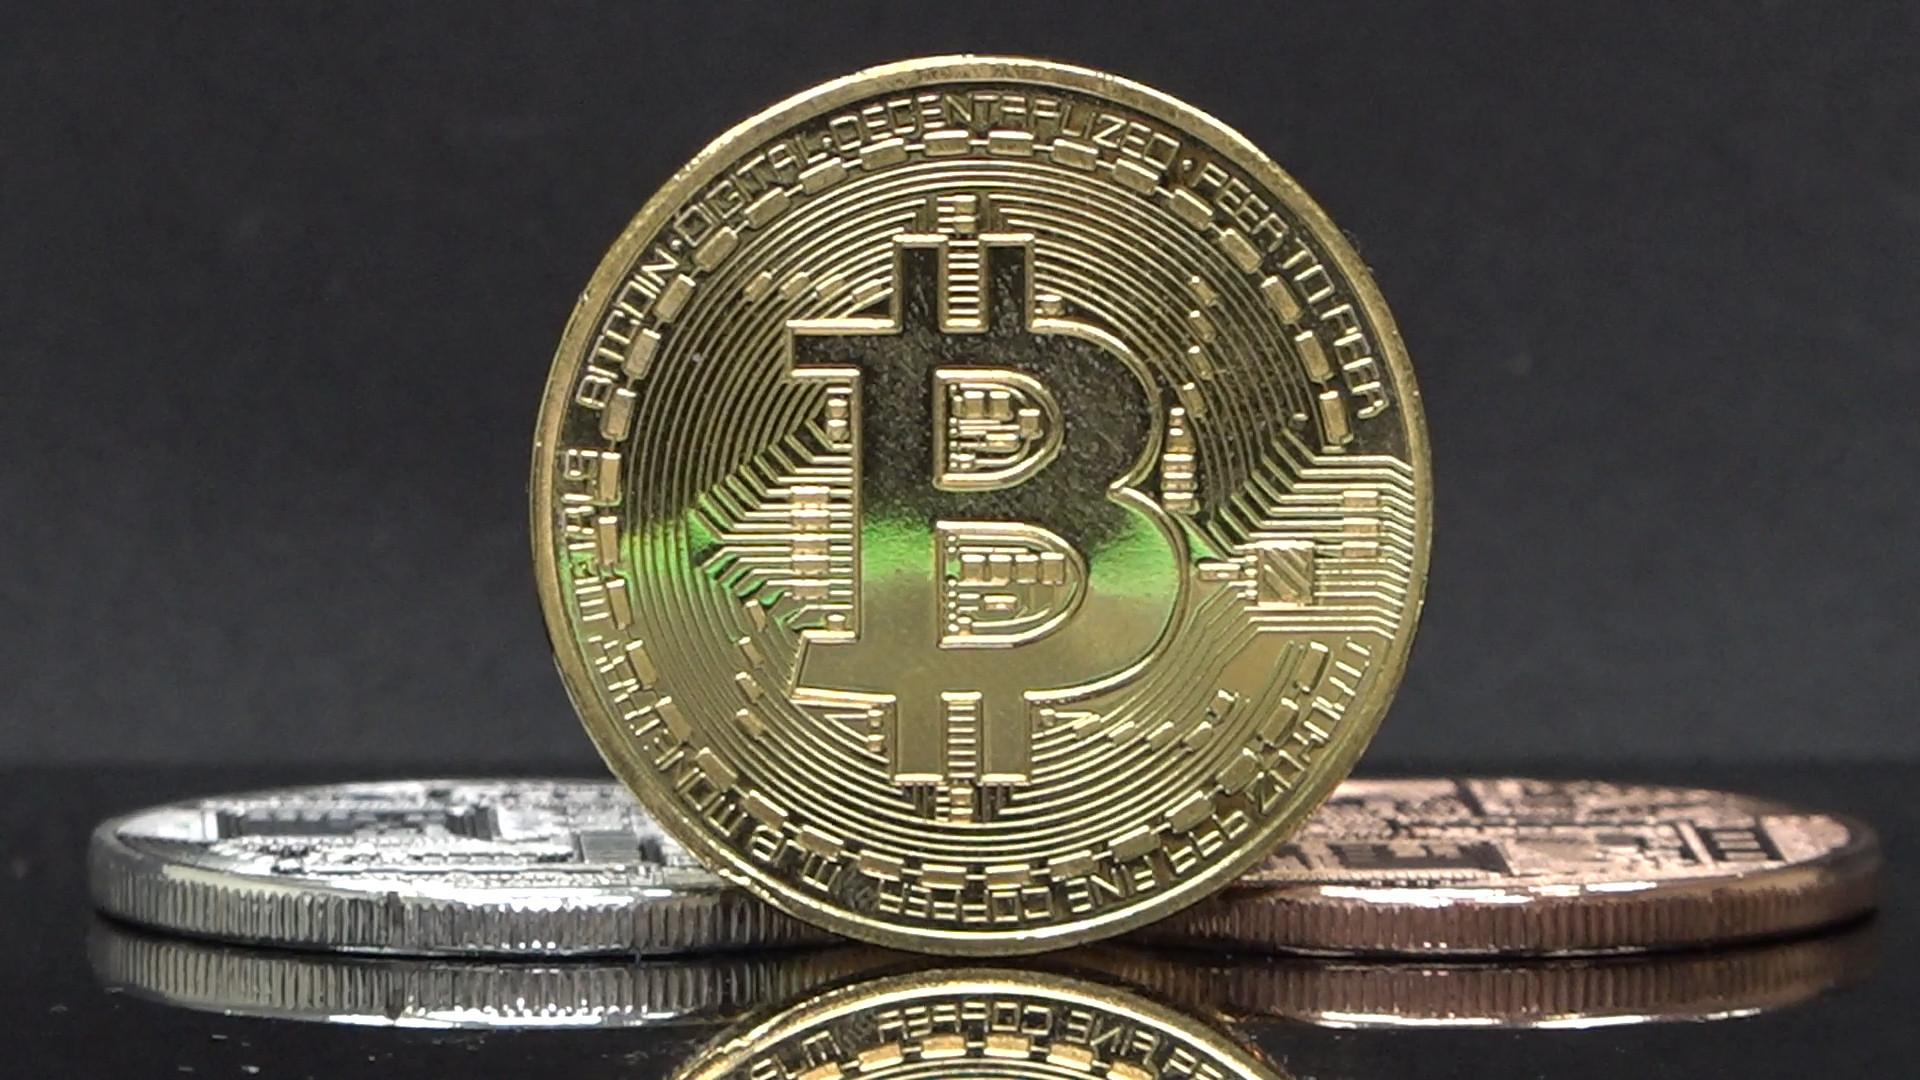 天才创造的电子货币已经从极为小众的新鲜事物